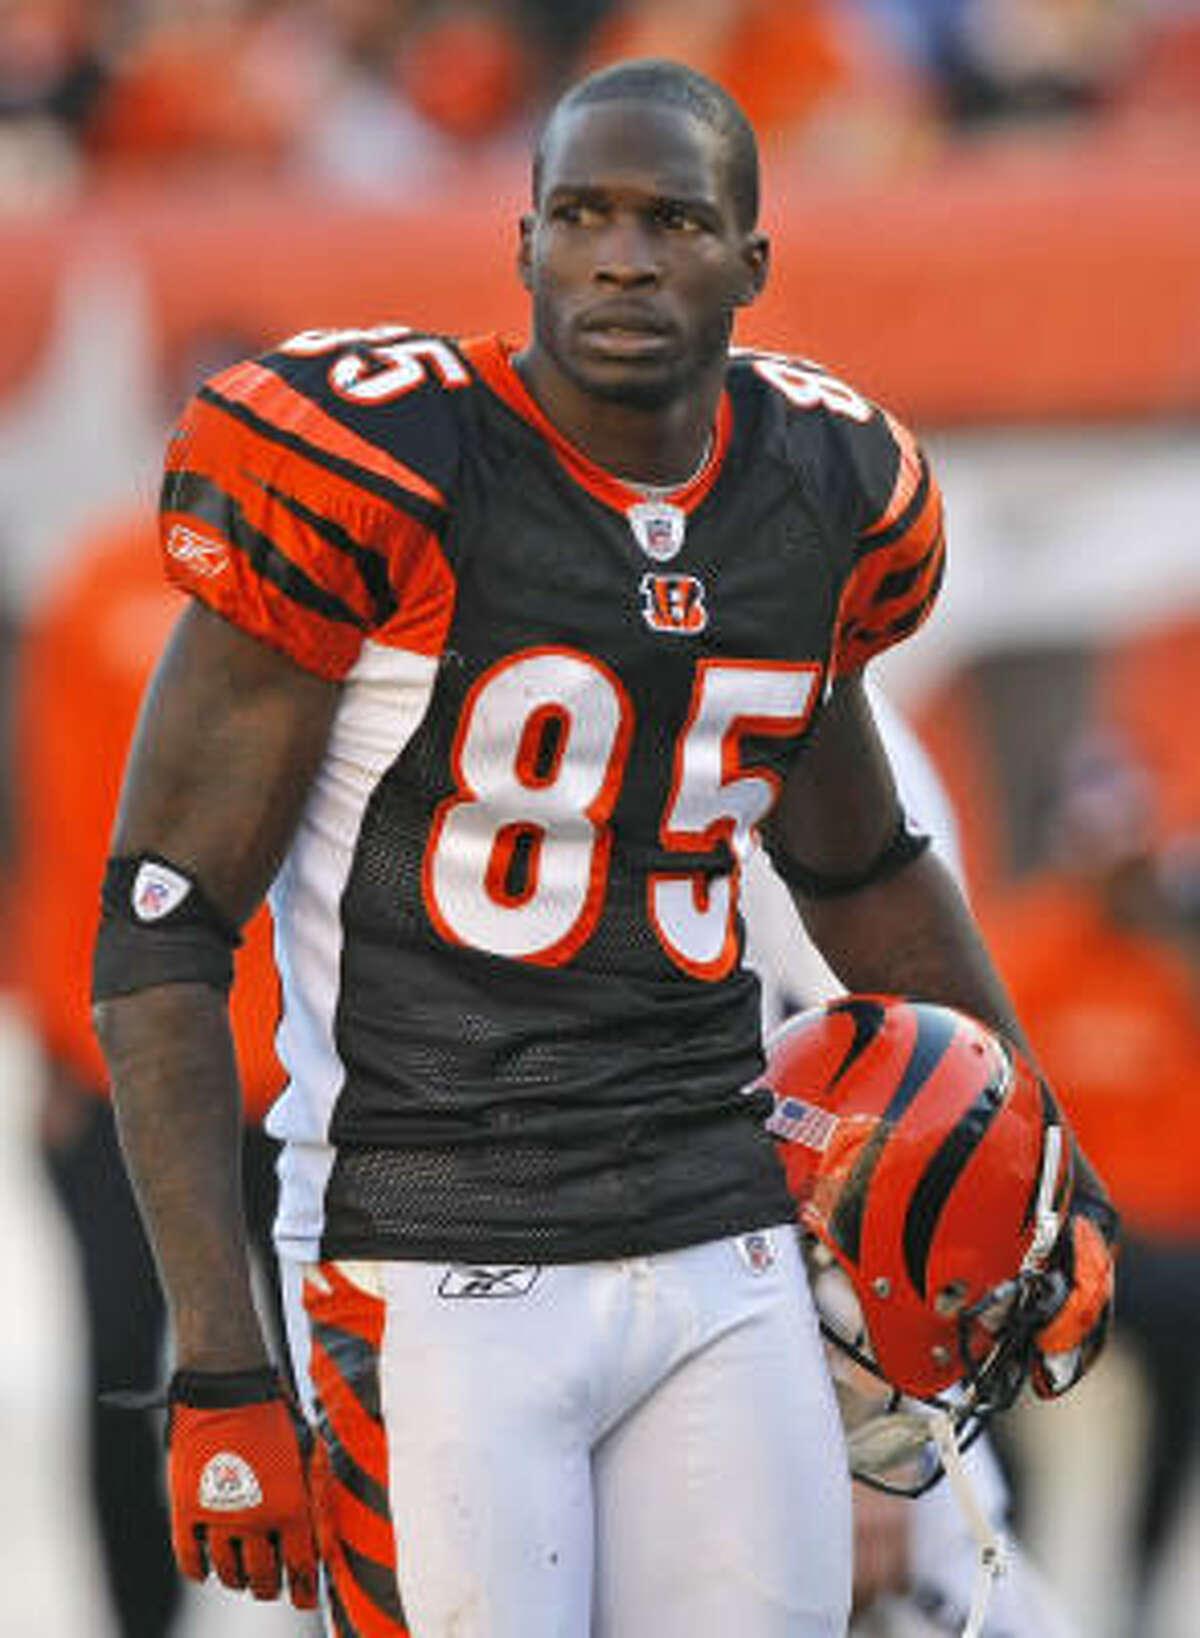 Chad Ochocinco, Cincinnati Bengals receiver @OGOchoCinco: